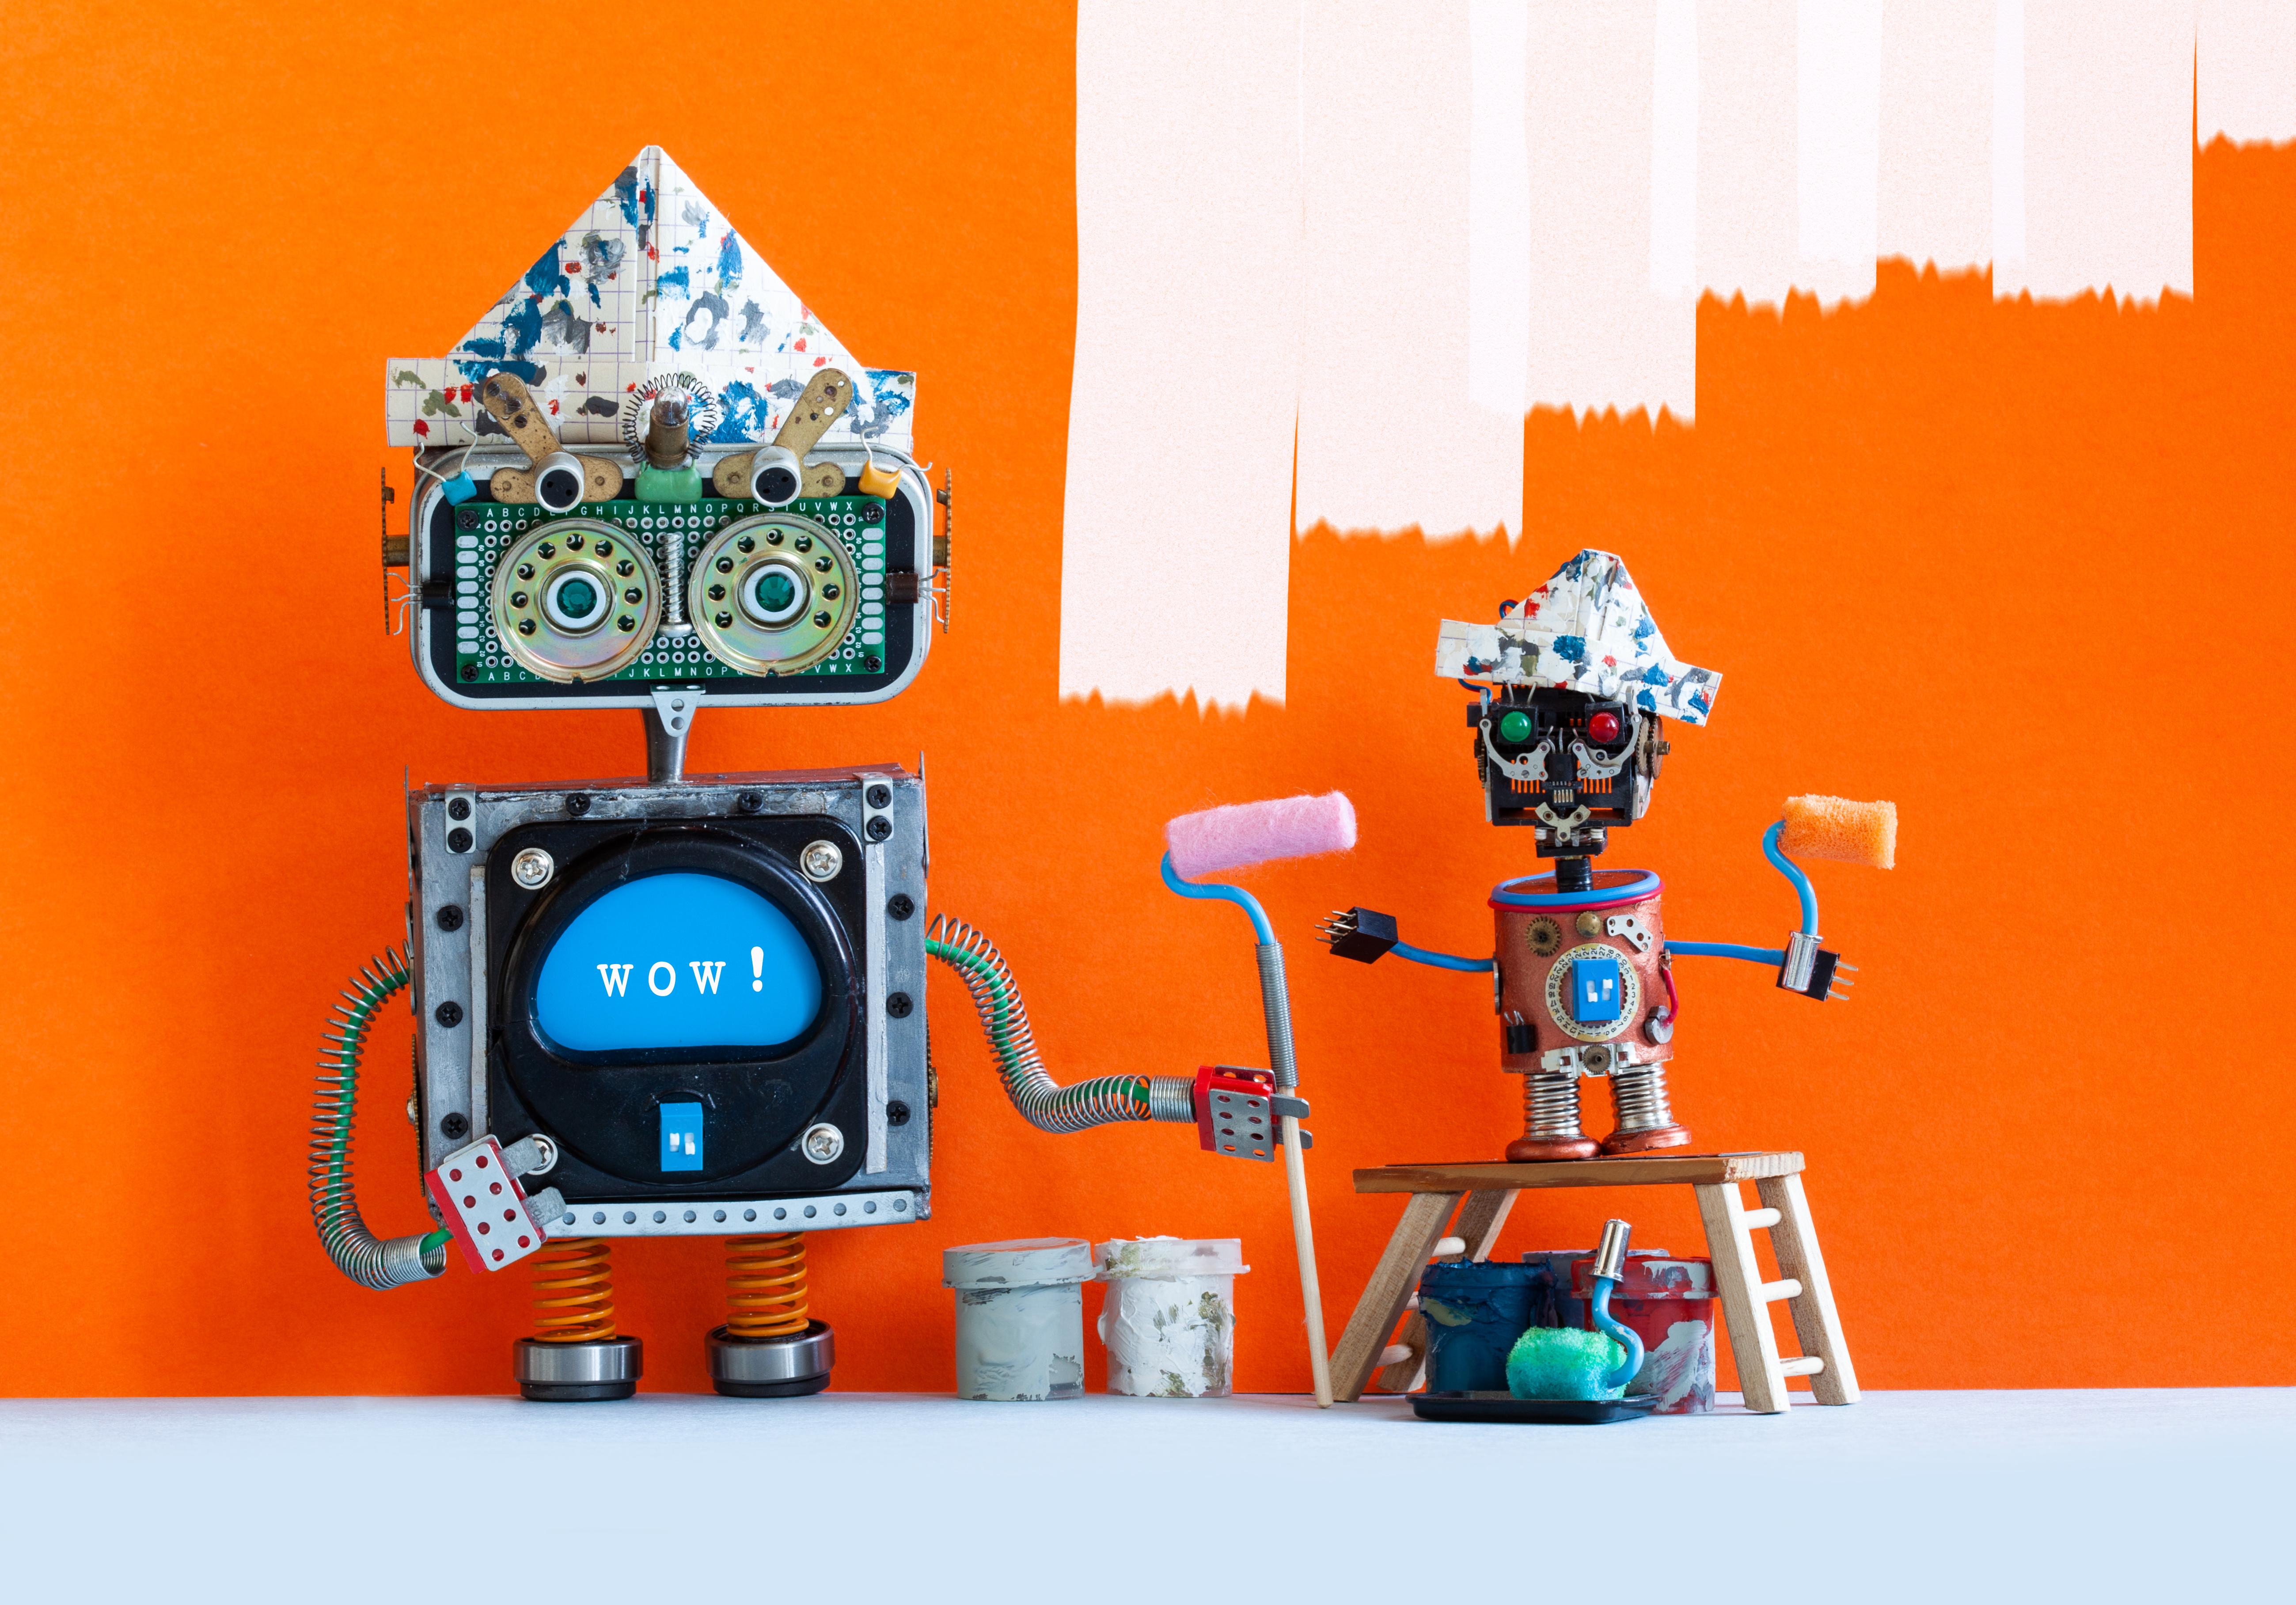 funny-big-and-small-robotic-painters-decorators-653J4WP